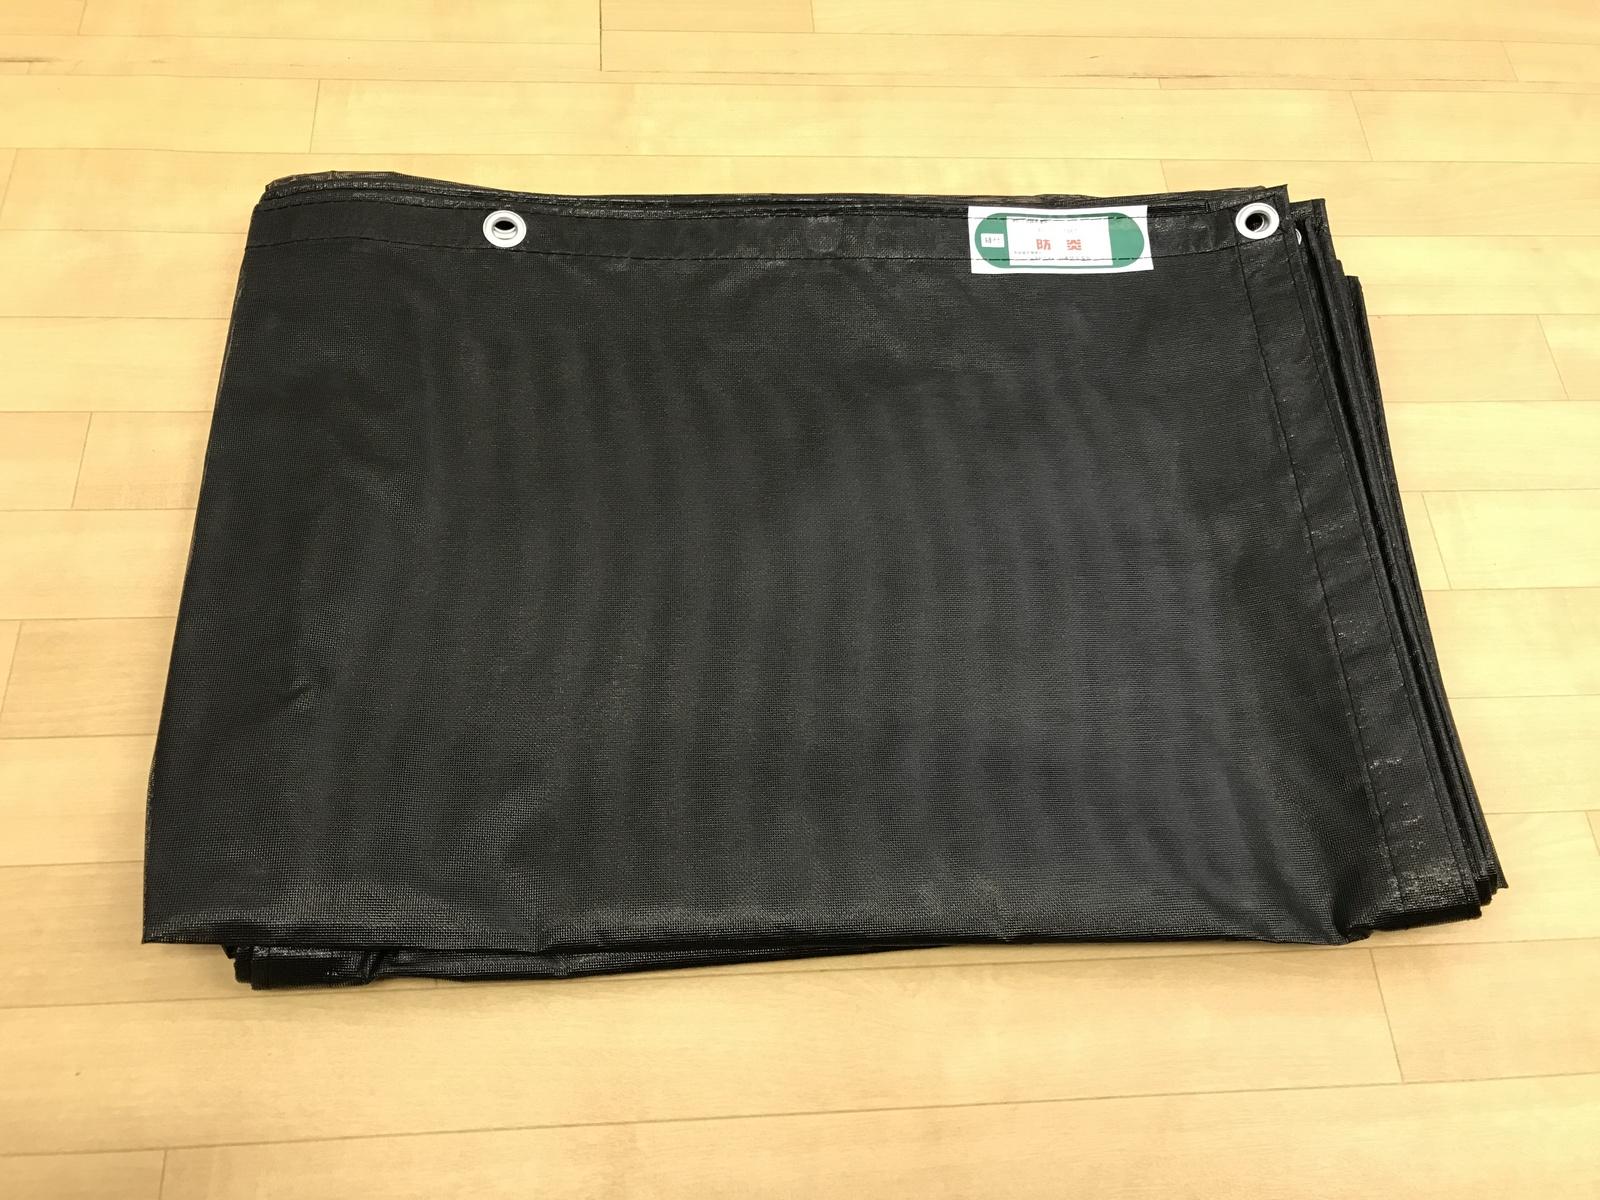 仮設足場資材 新品 メッシュシート2類0.9M×6.3M 黒 ハトメピッ千450mm 1梱包10枚入り 10枚セット(他の商品もありますので、一緒にご検討ください。)